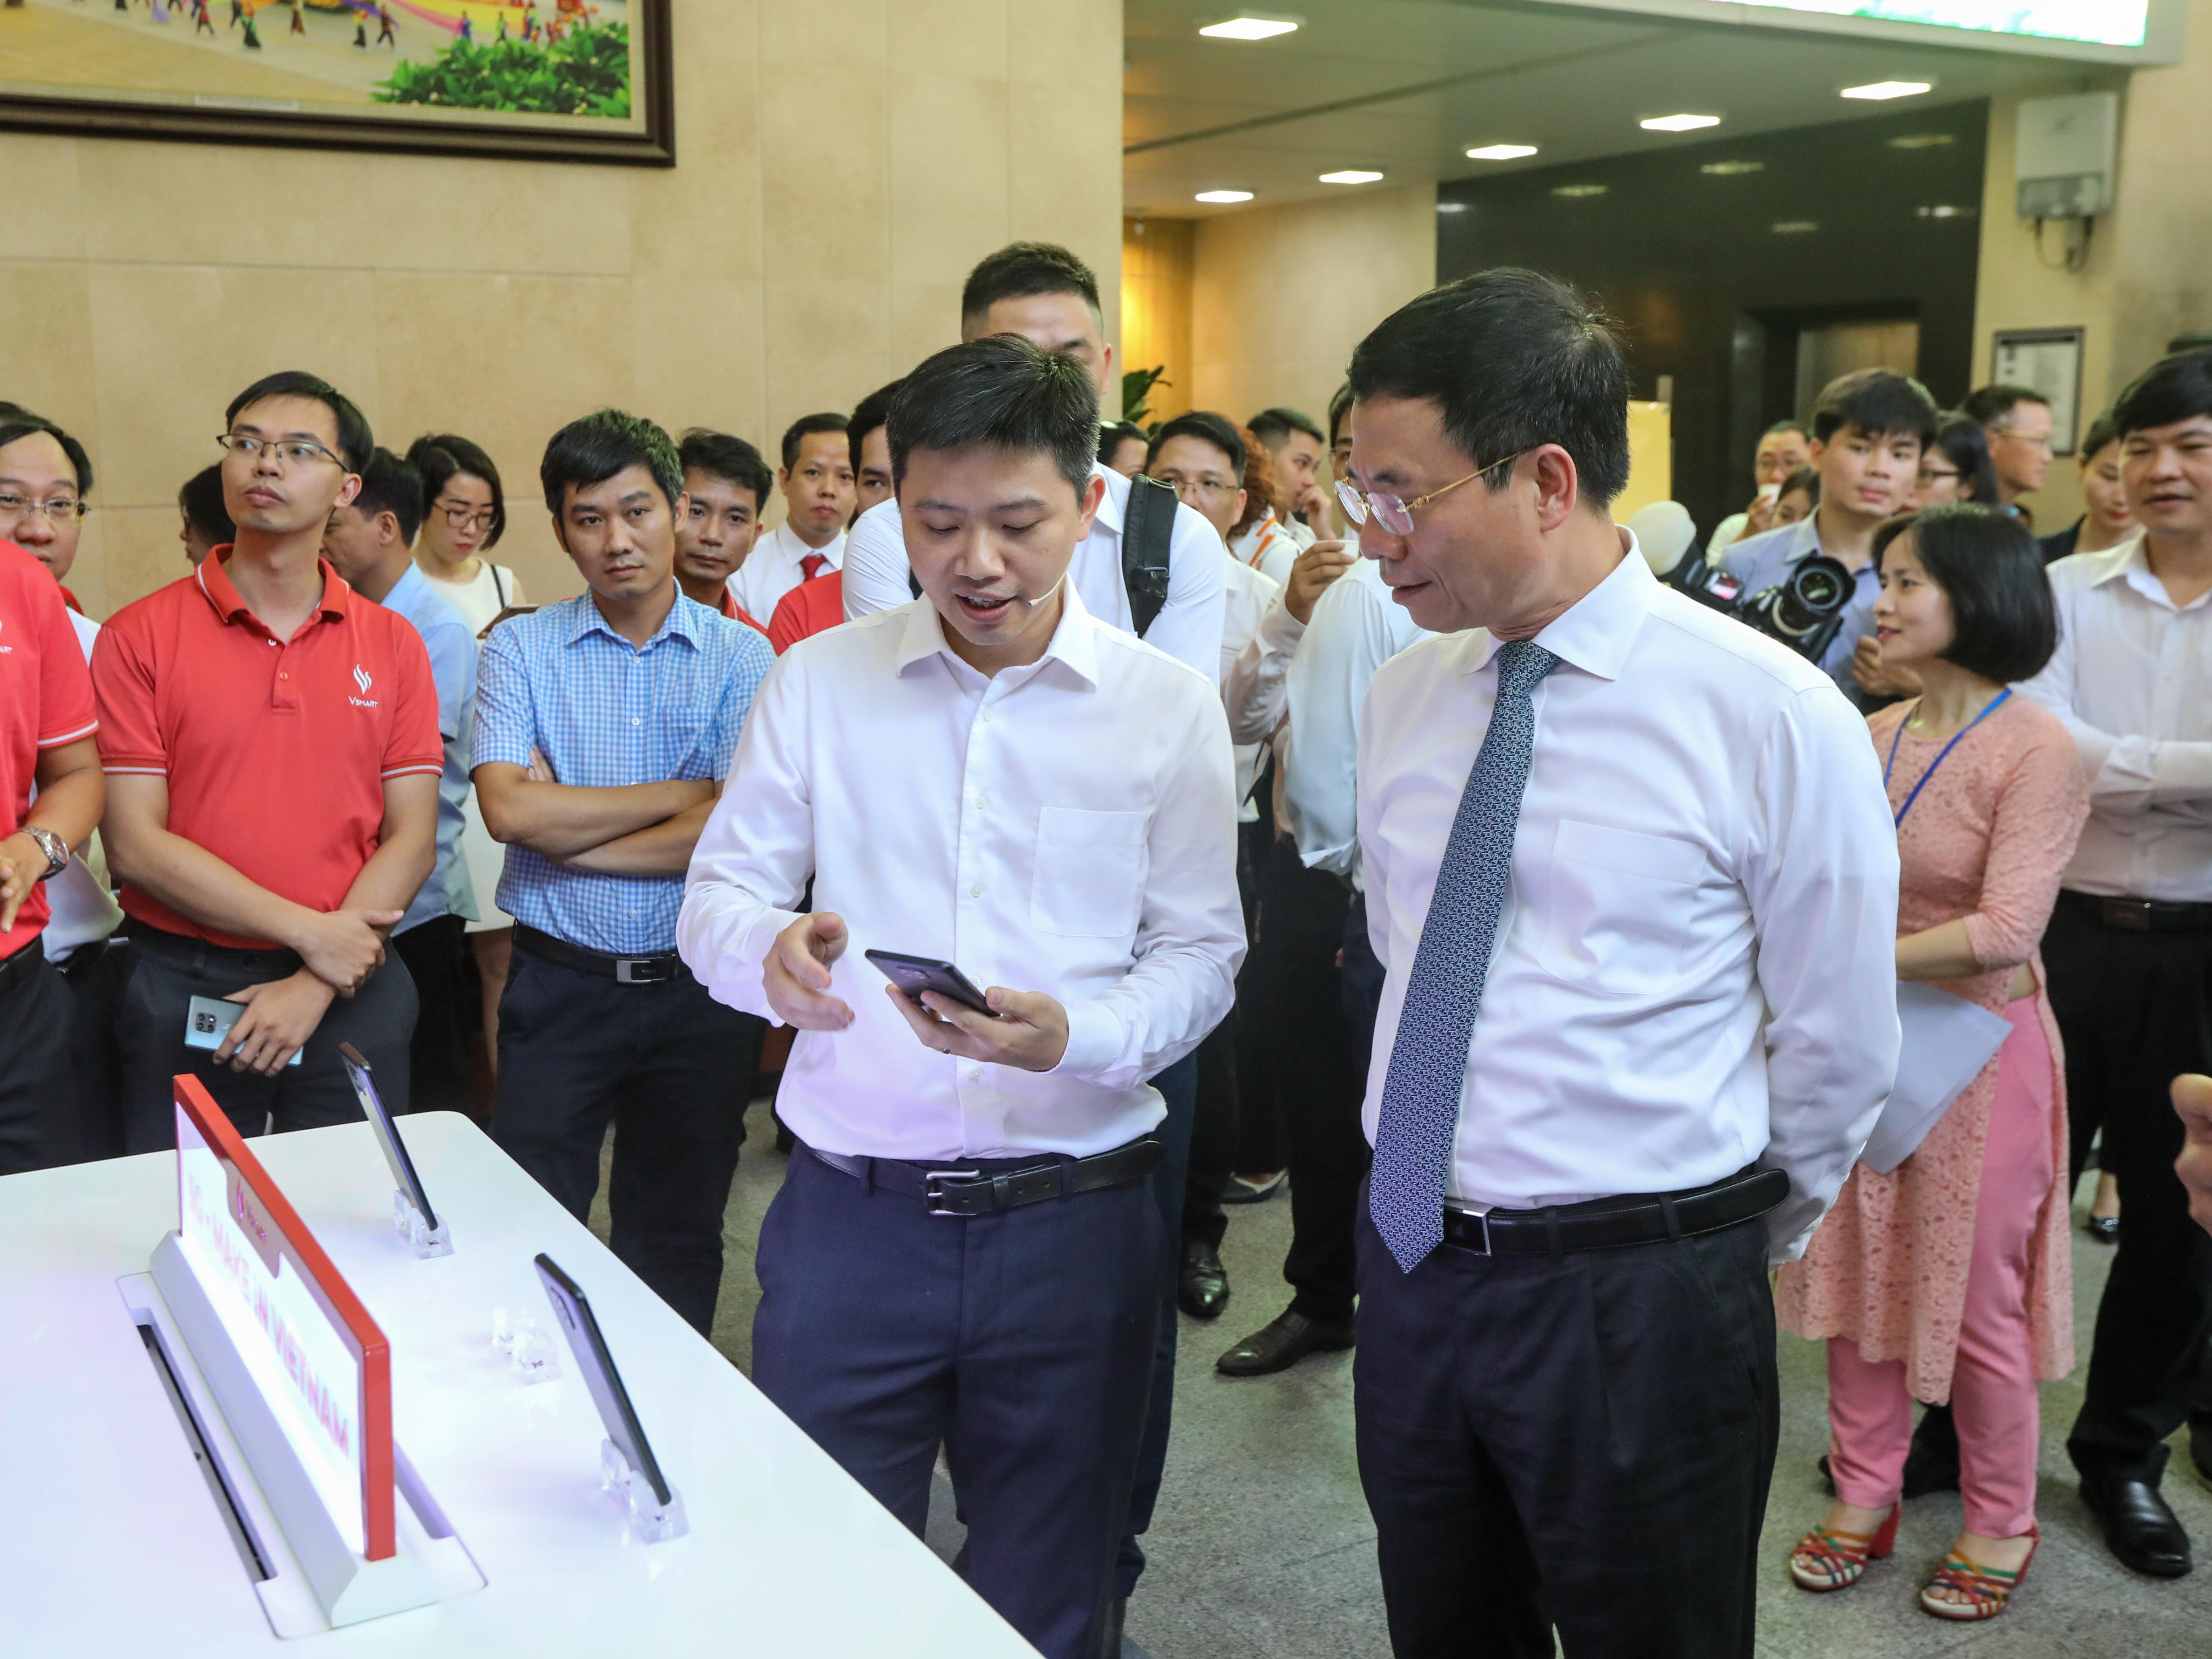 Bộ trưởng Bộ Thông tin và Truyền thông Nguyễn Mạnh Hùng tham quan các gian hàng ứng dụng các công nghệ thông tin mới trước khi diễn ra hội nghị.